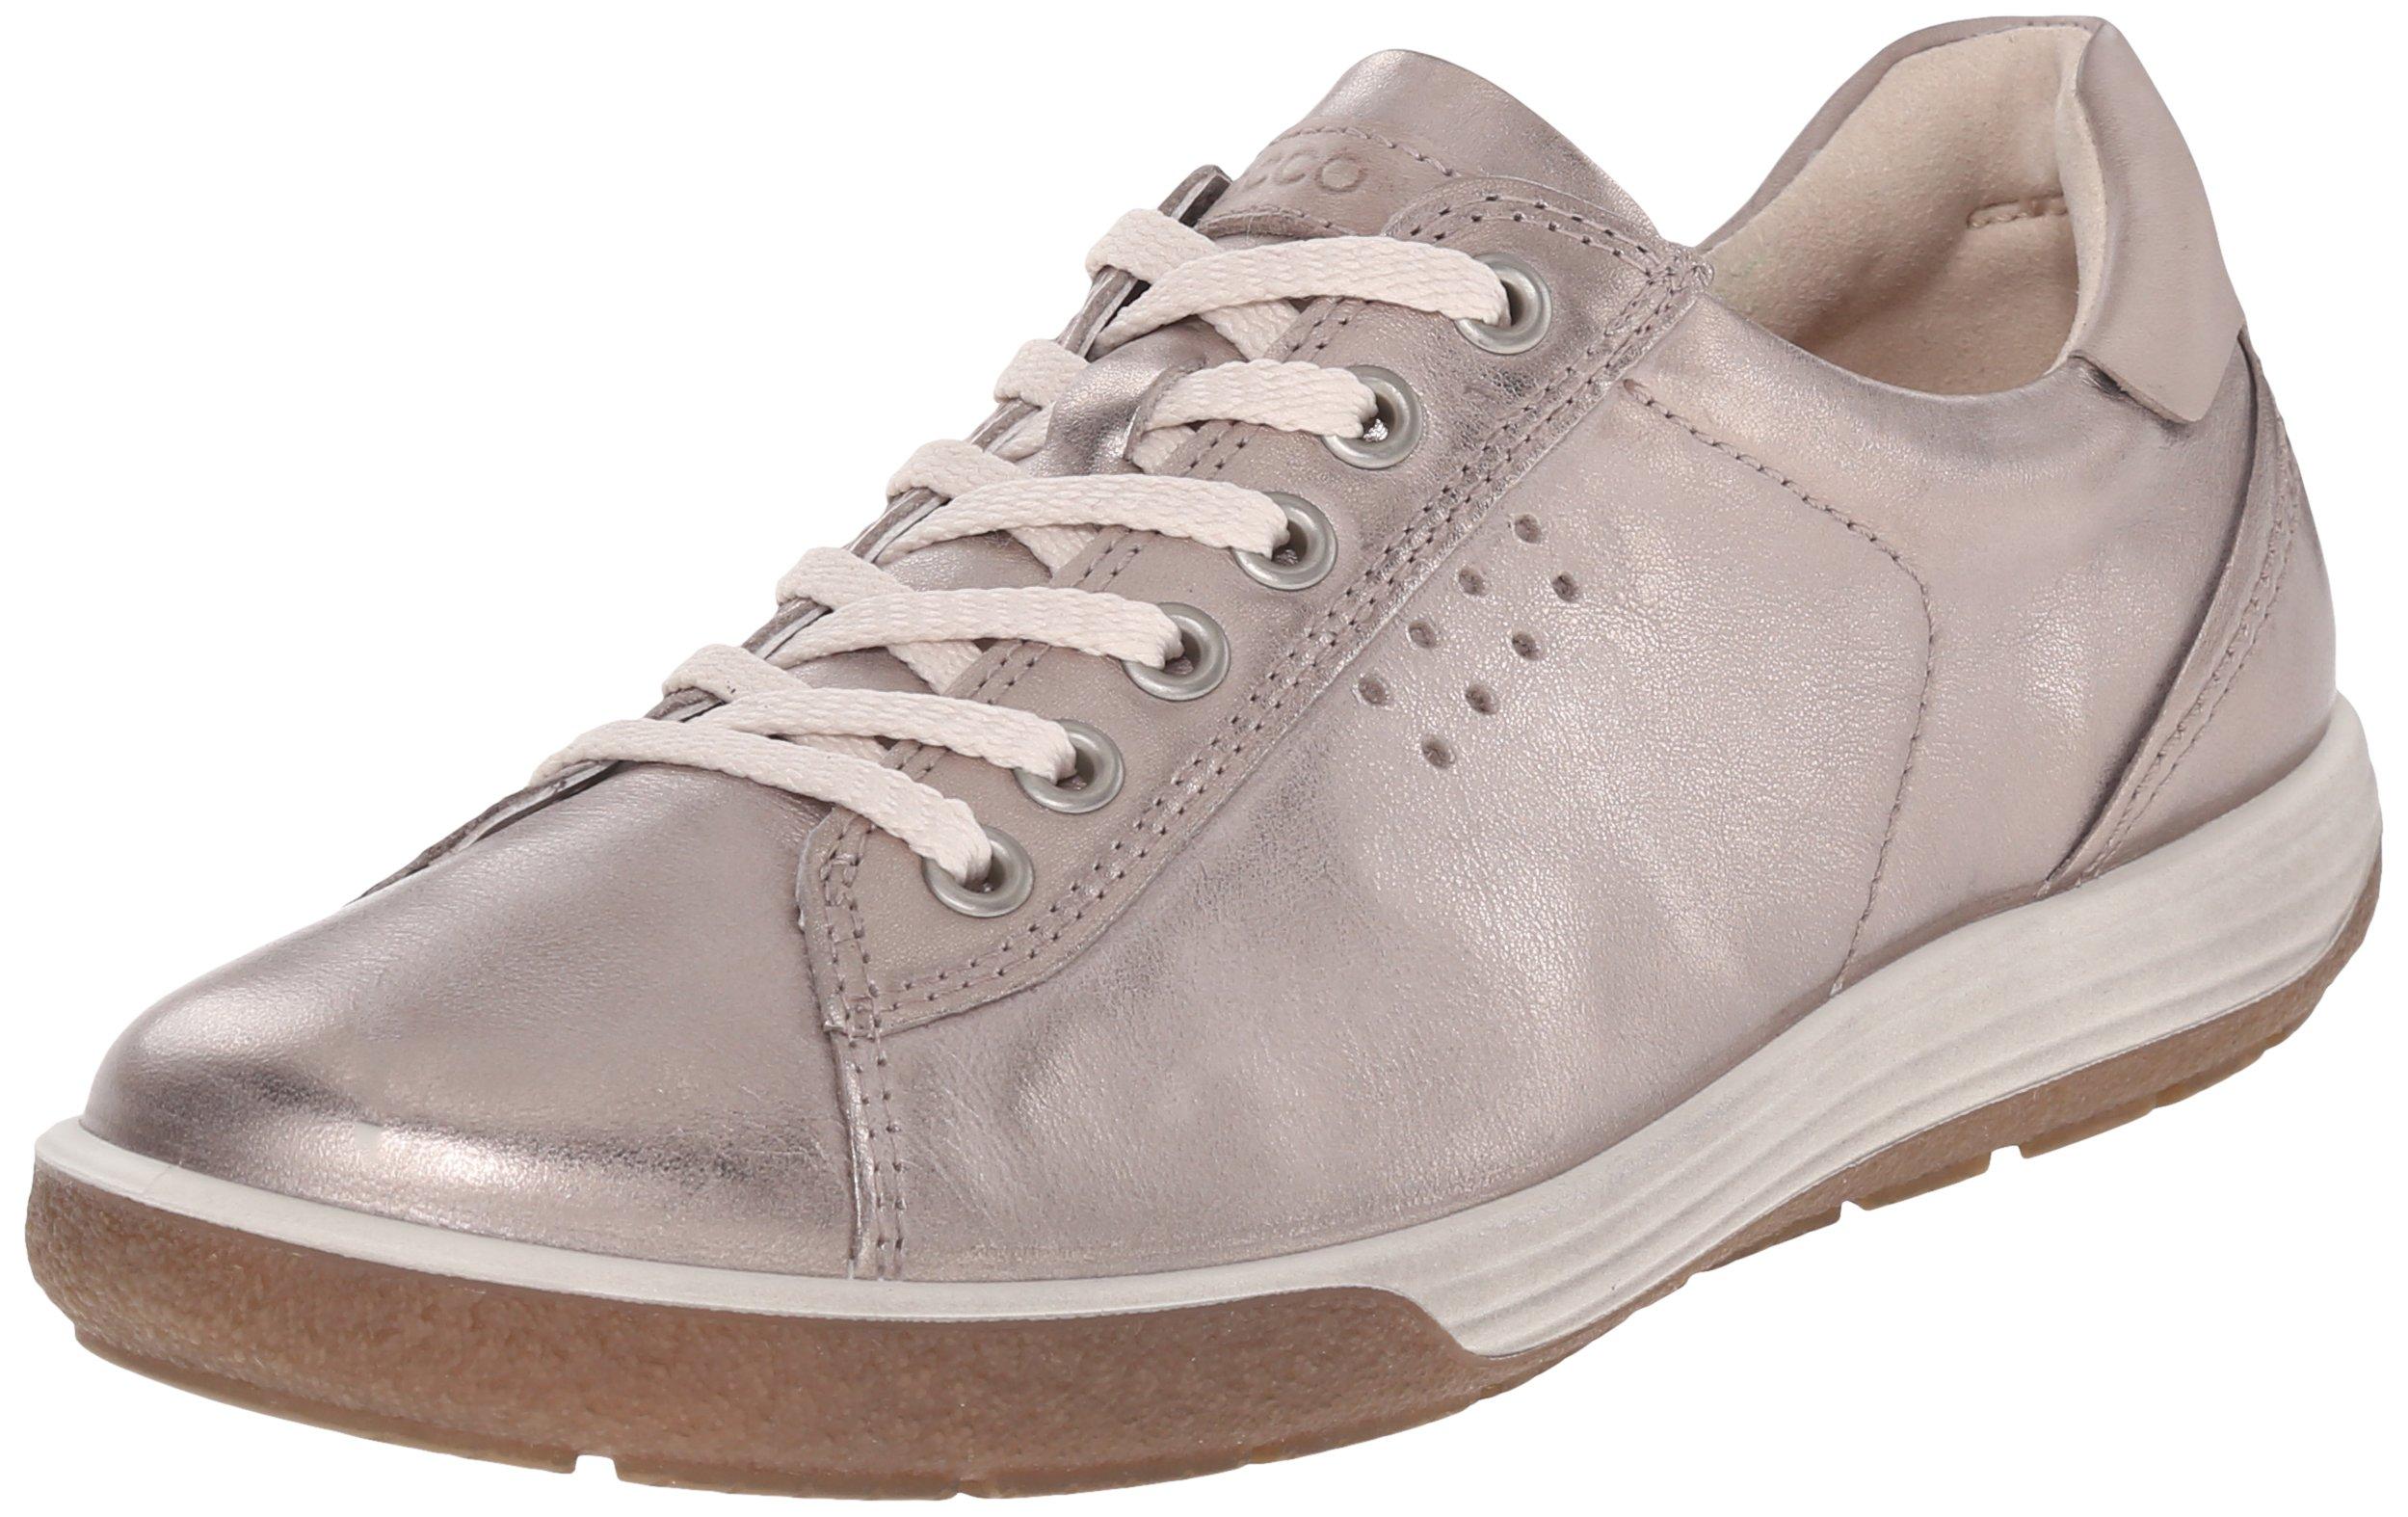 Ecco Footwear Womens Chase Tie Sneaker, Moon Rock, 42 EU/11-11.5 M US